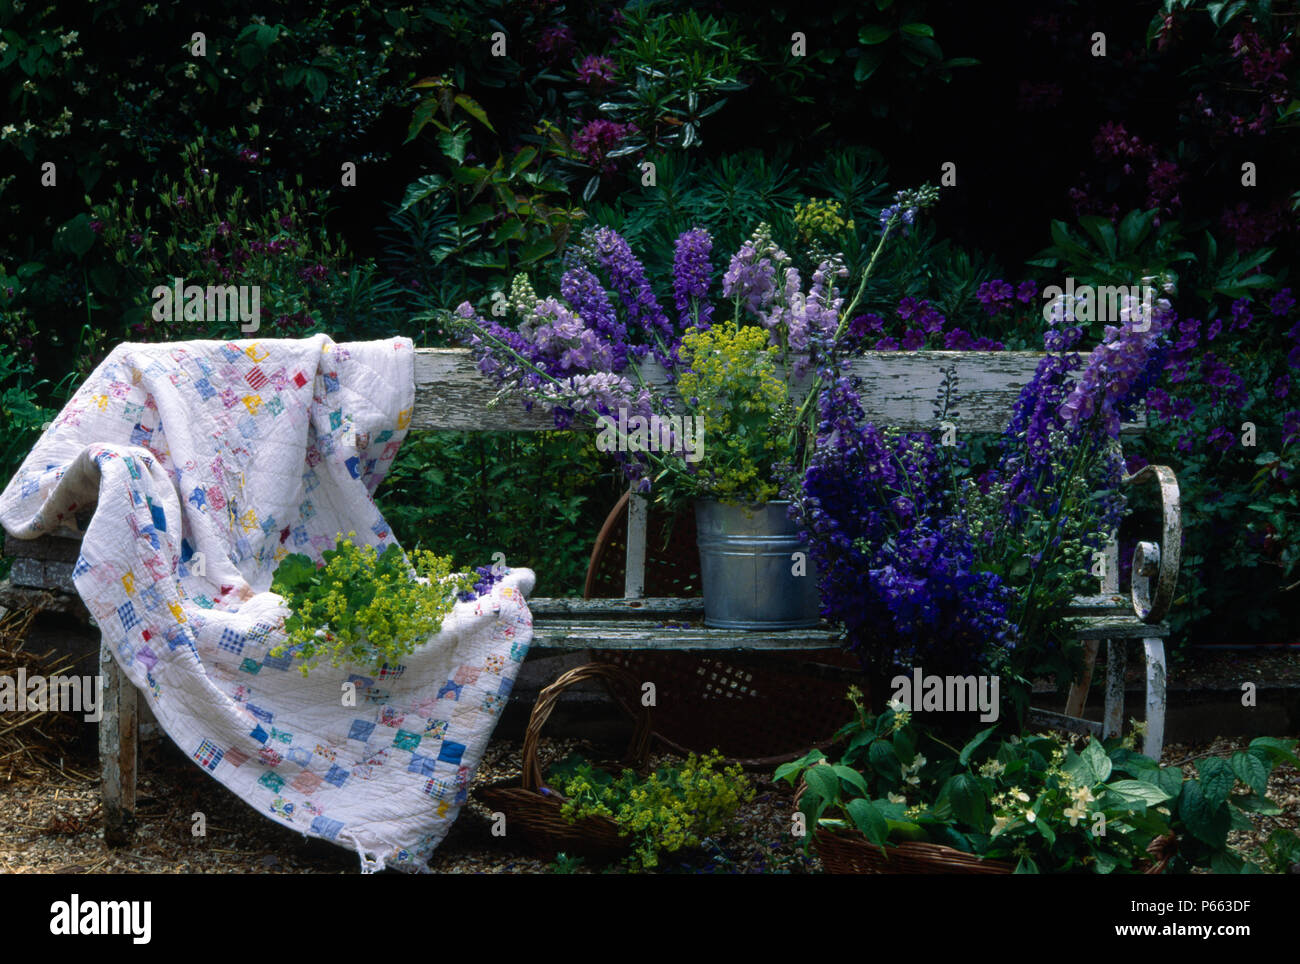 Delphiniums Uk Garden Stock Photos Amp Delphiniums Uk Garden